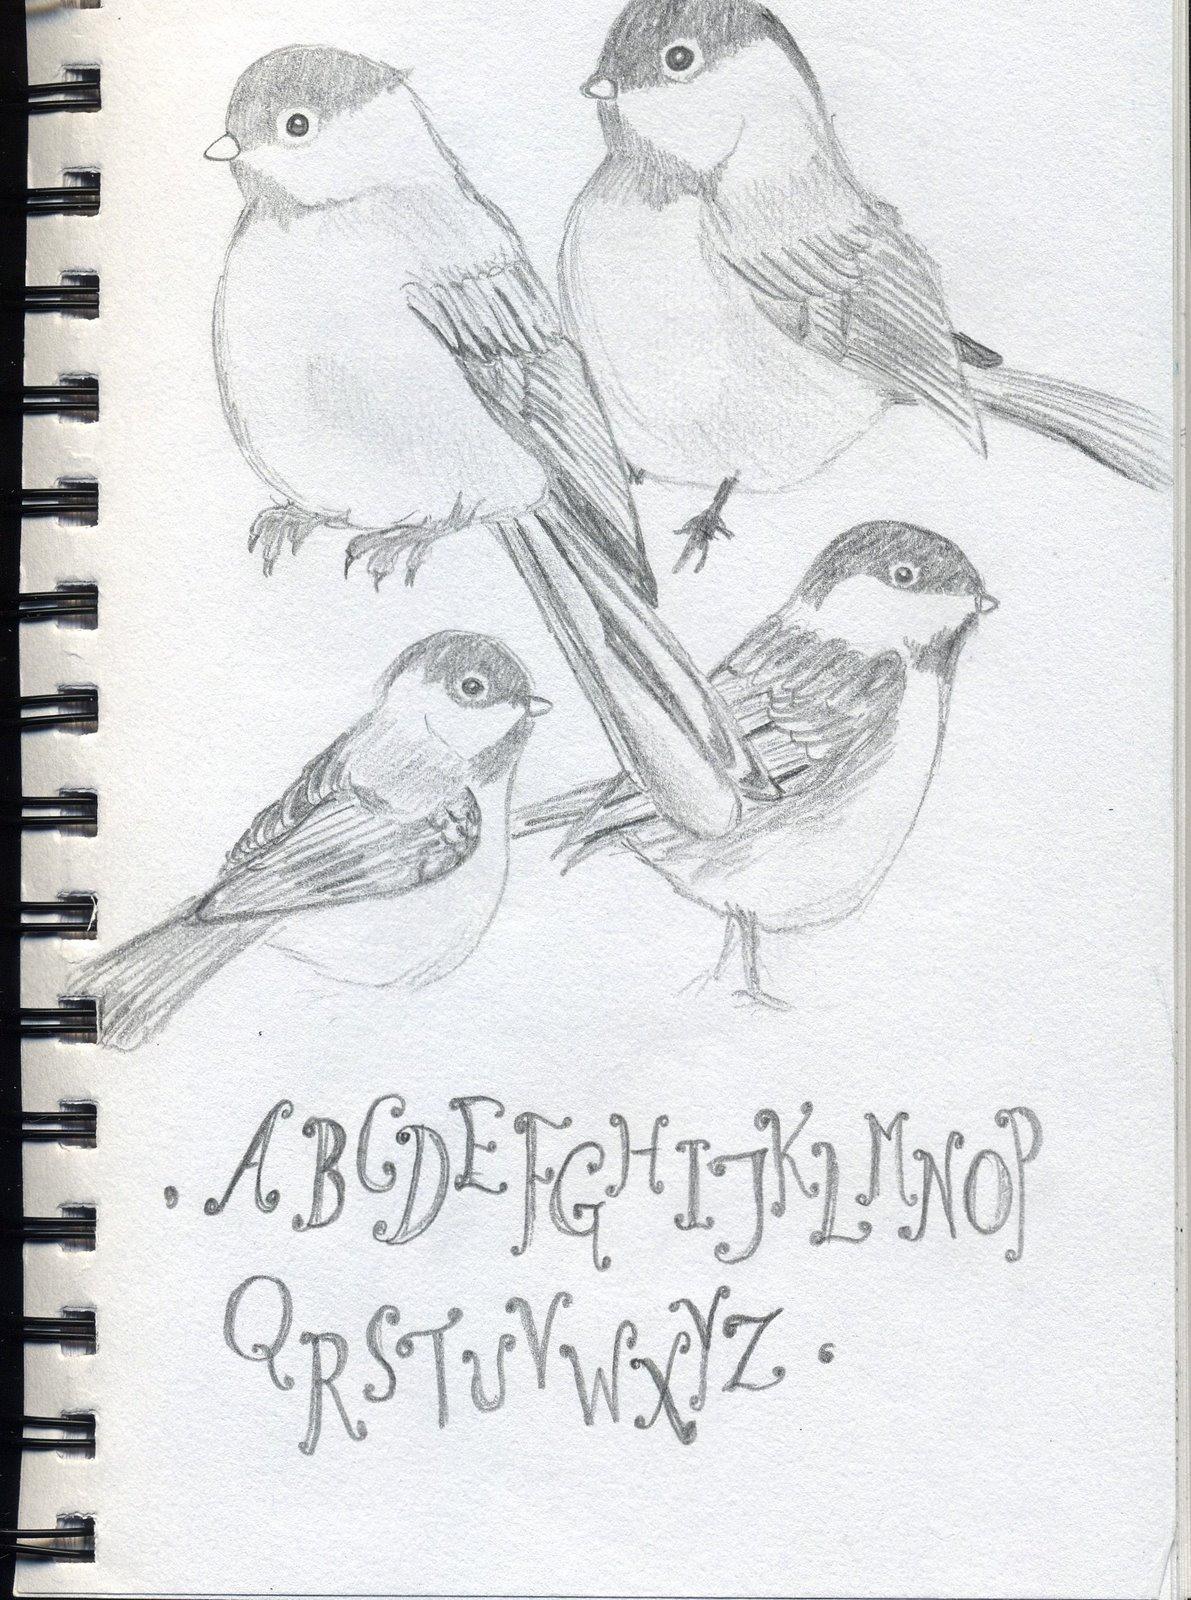 [littlebirds]